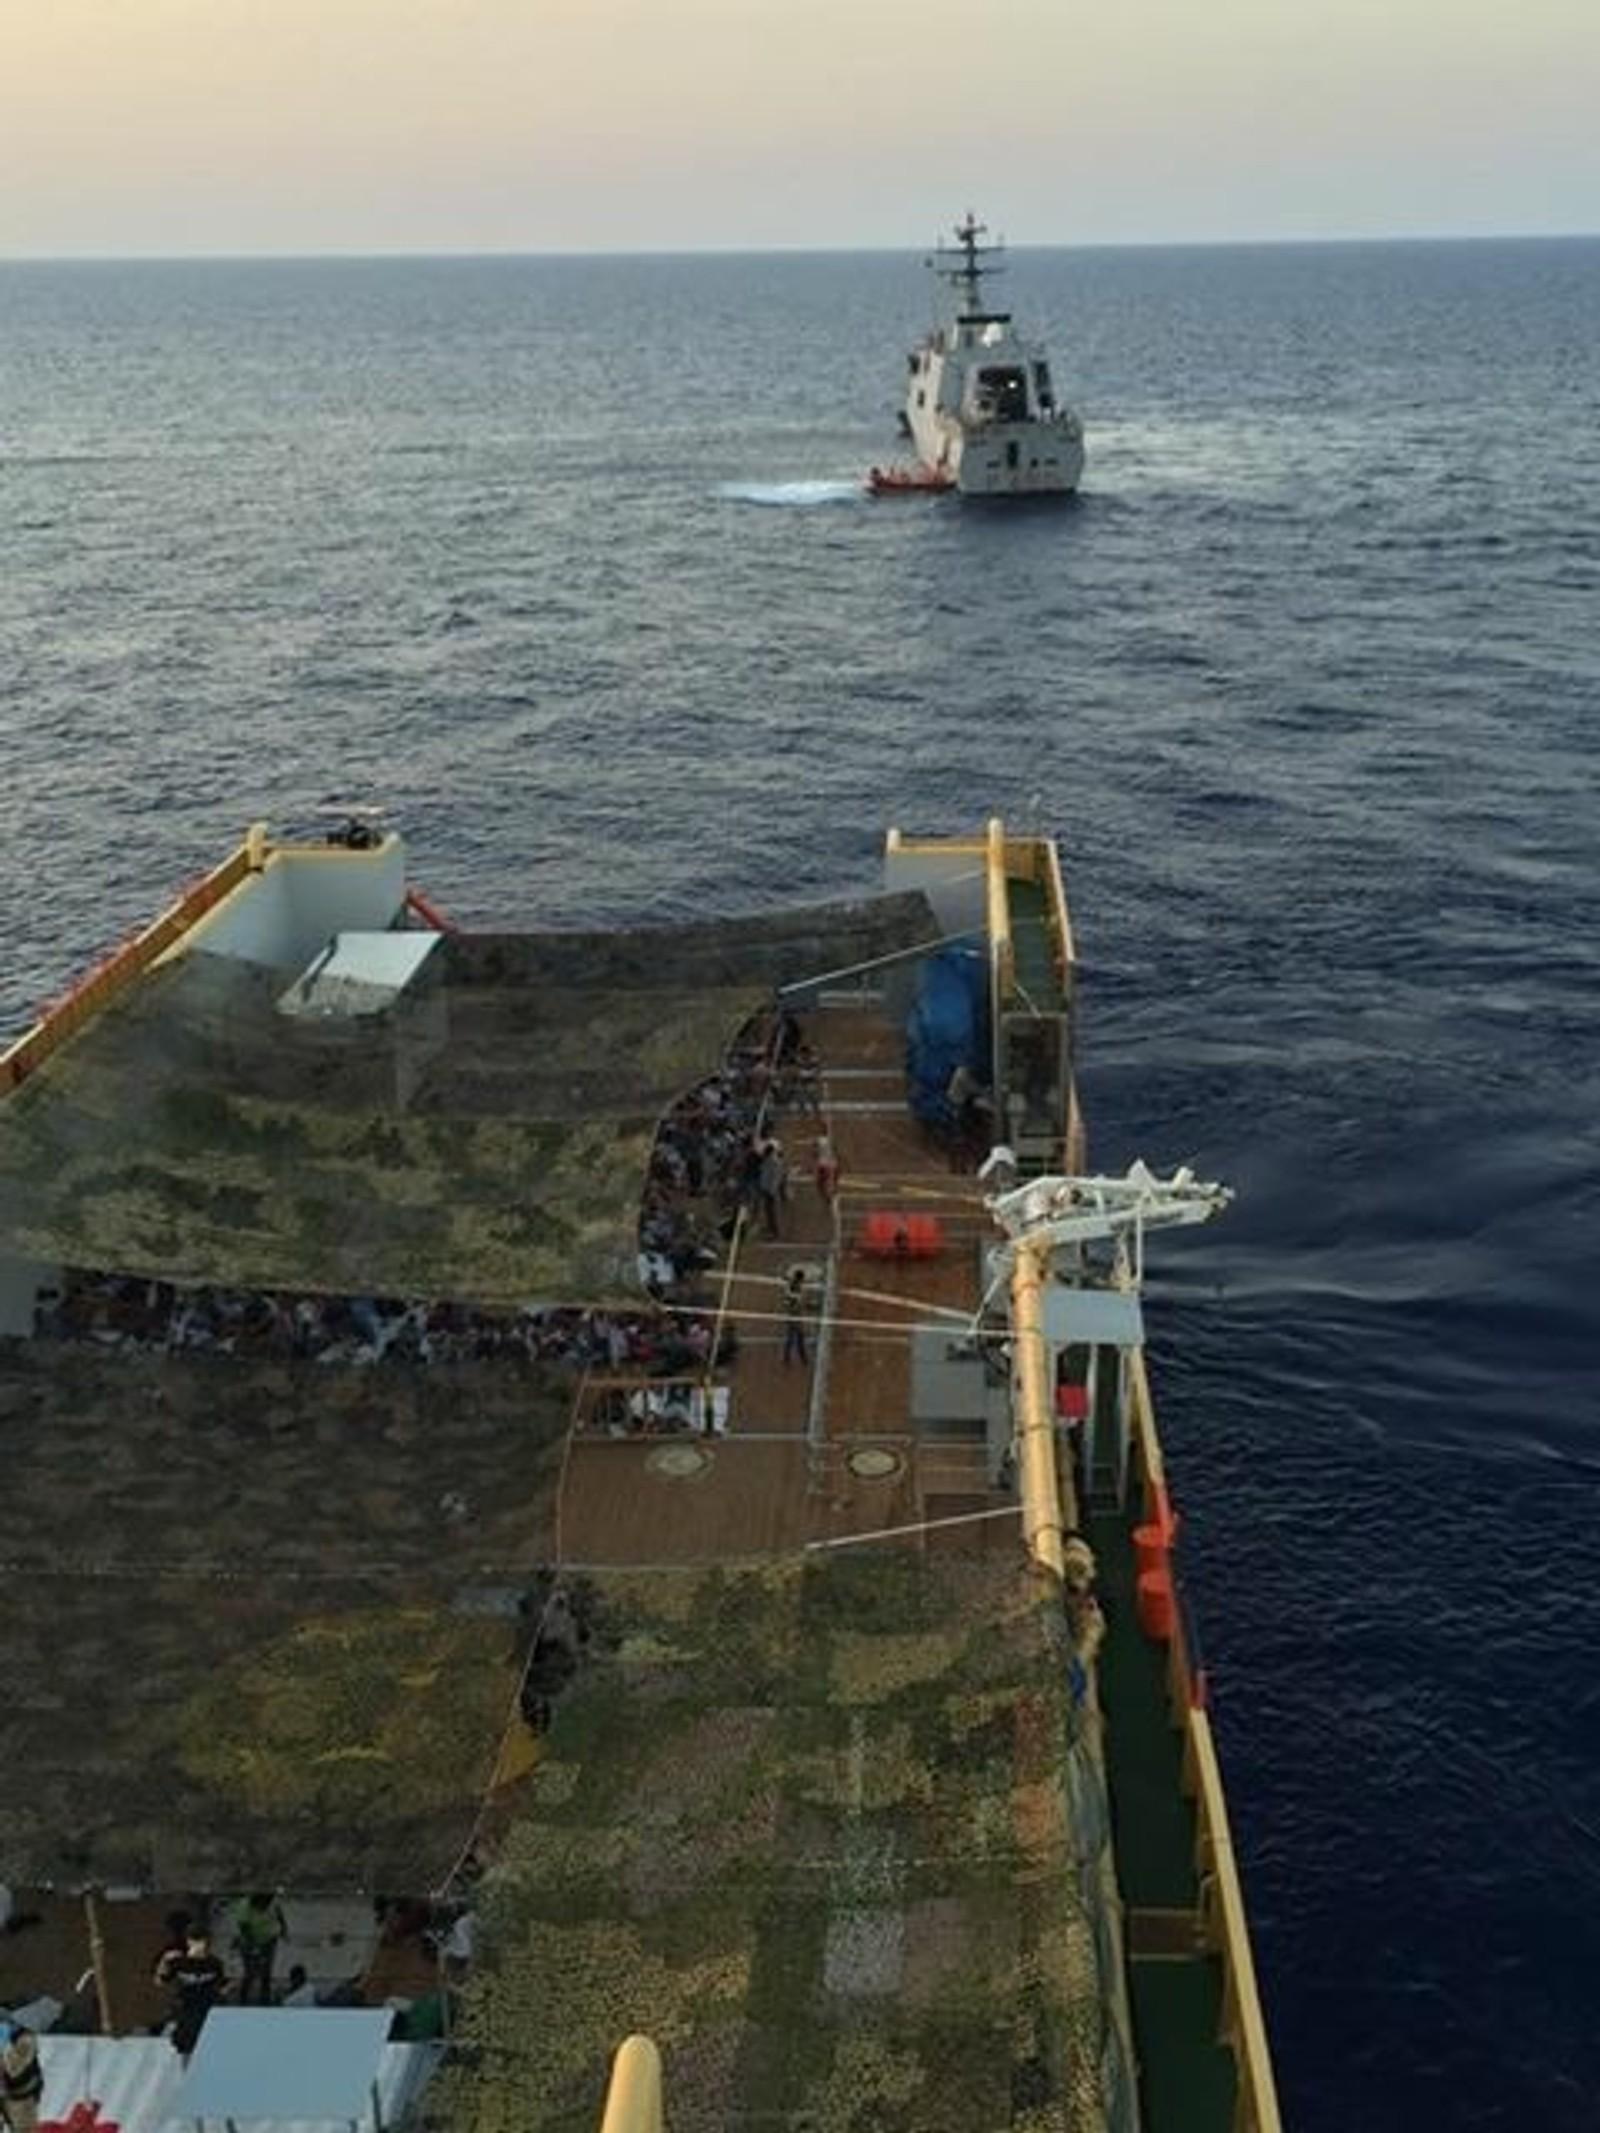 312 overlevende ble reddet av et italiensk marineskip. Italienske myndigheter skal etterforske saken.